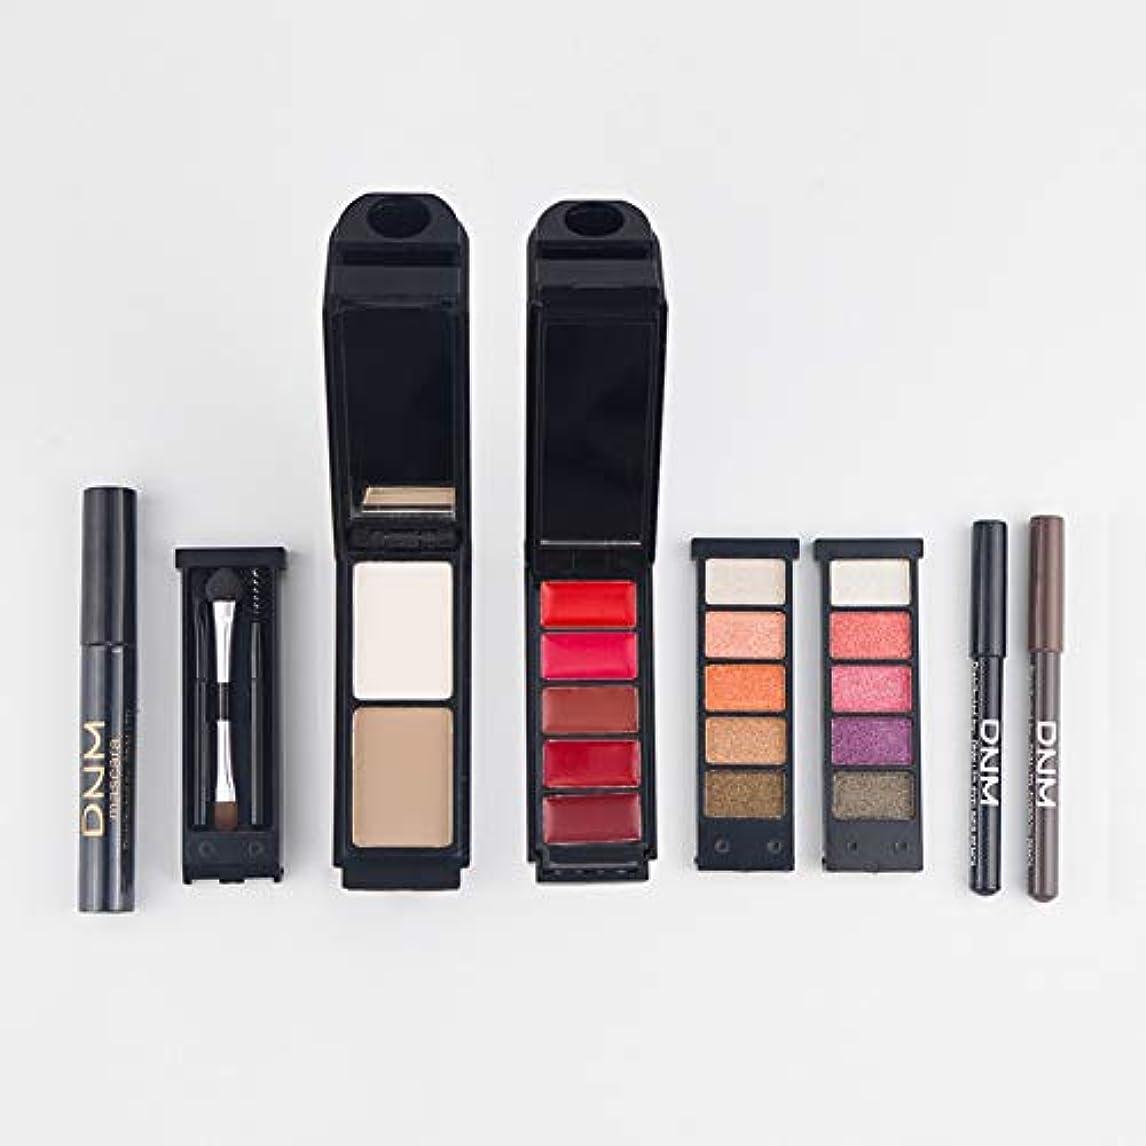 パリティマーク放射性Rabugogo 8個/セット女性の化粧品セット口紅+コンシーラー+アイシャドー+アイライナー+マスカラ+アイブロウペンシル